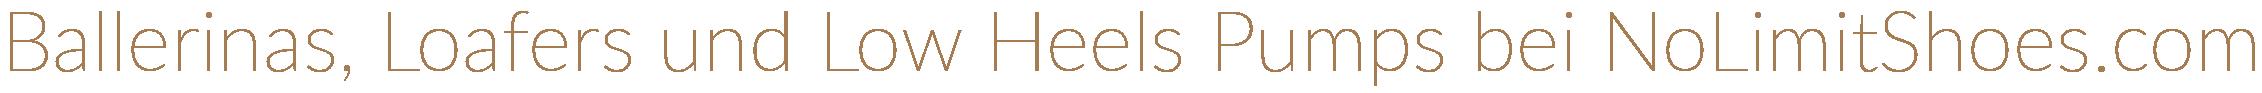 Ballerinas, Loafers und Low Heel Pumps bei NoLimitShoes.com Damenschuhe und Stiefel bis Größe 48